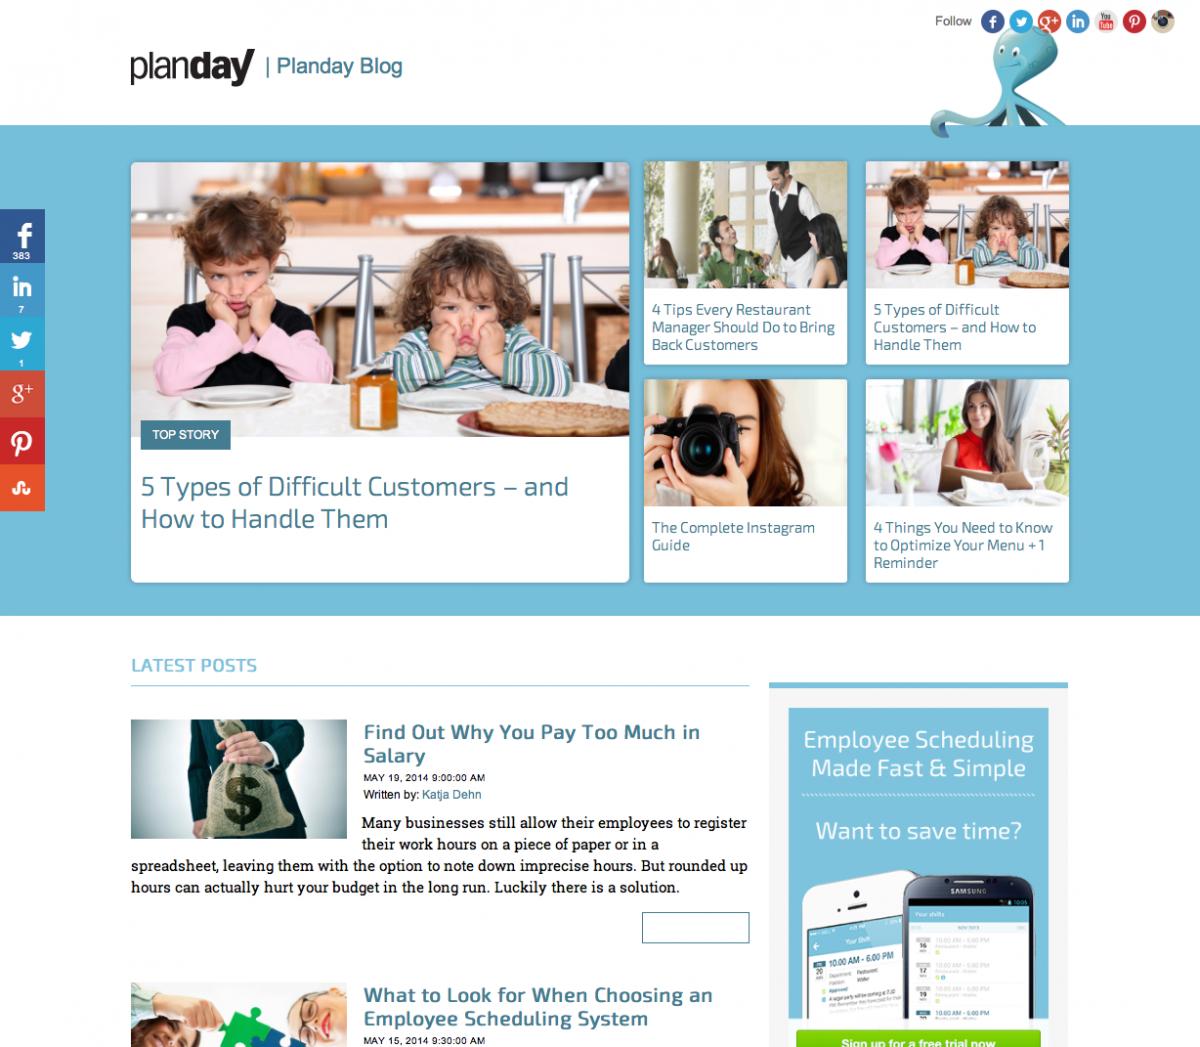 Plandays blog